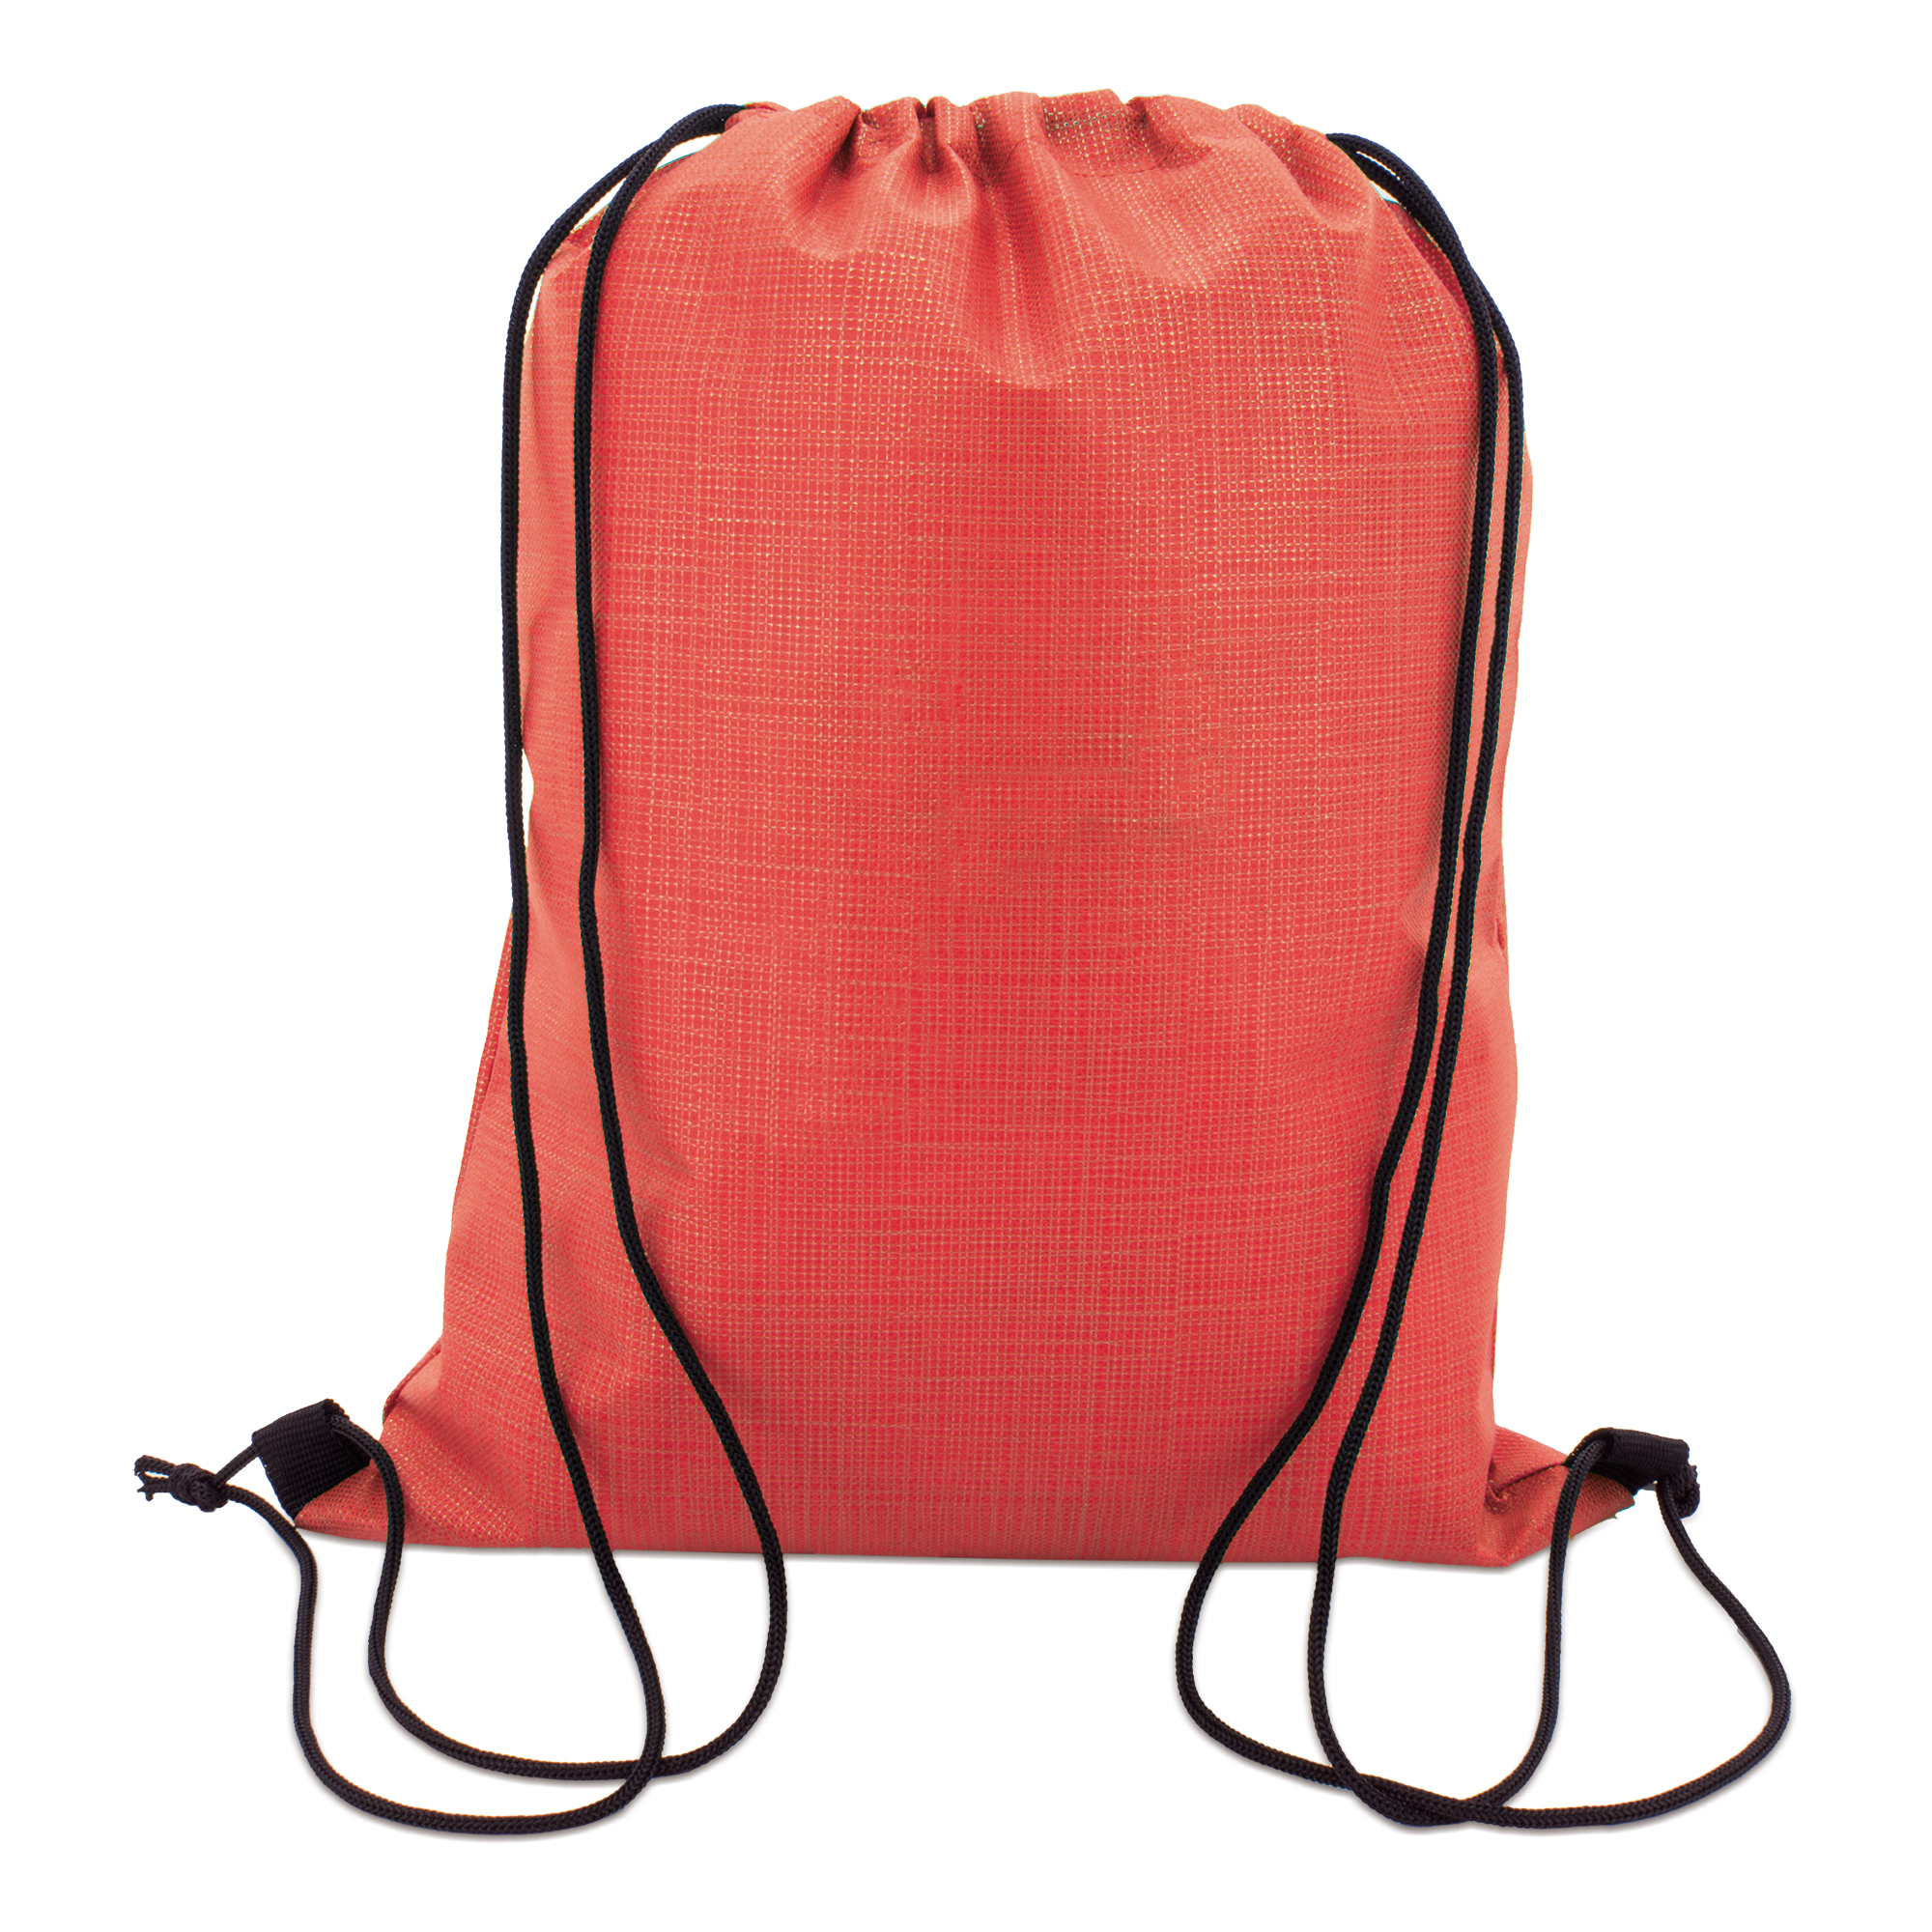 Σακίδιο πλάτης με επένδυση τσέπης non woven